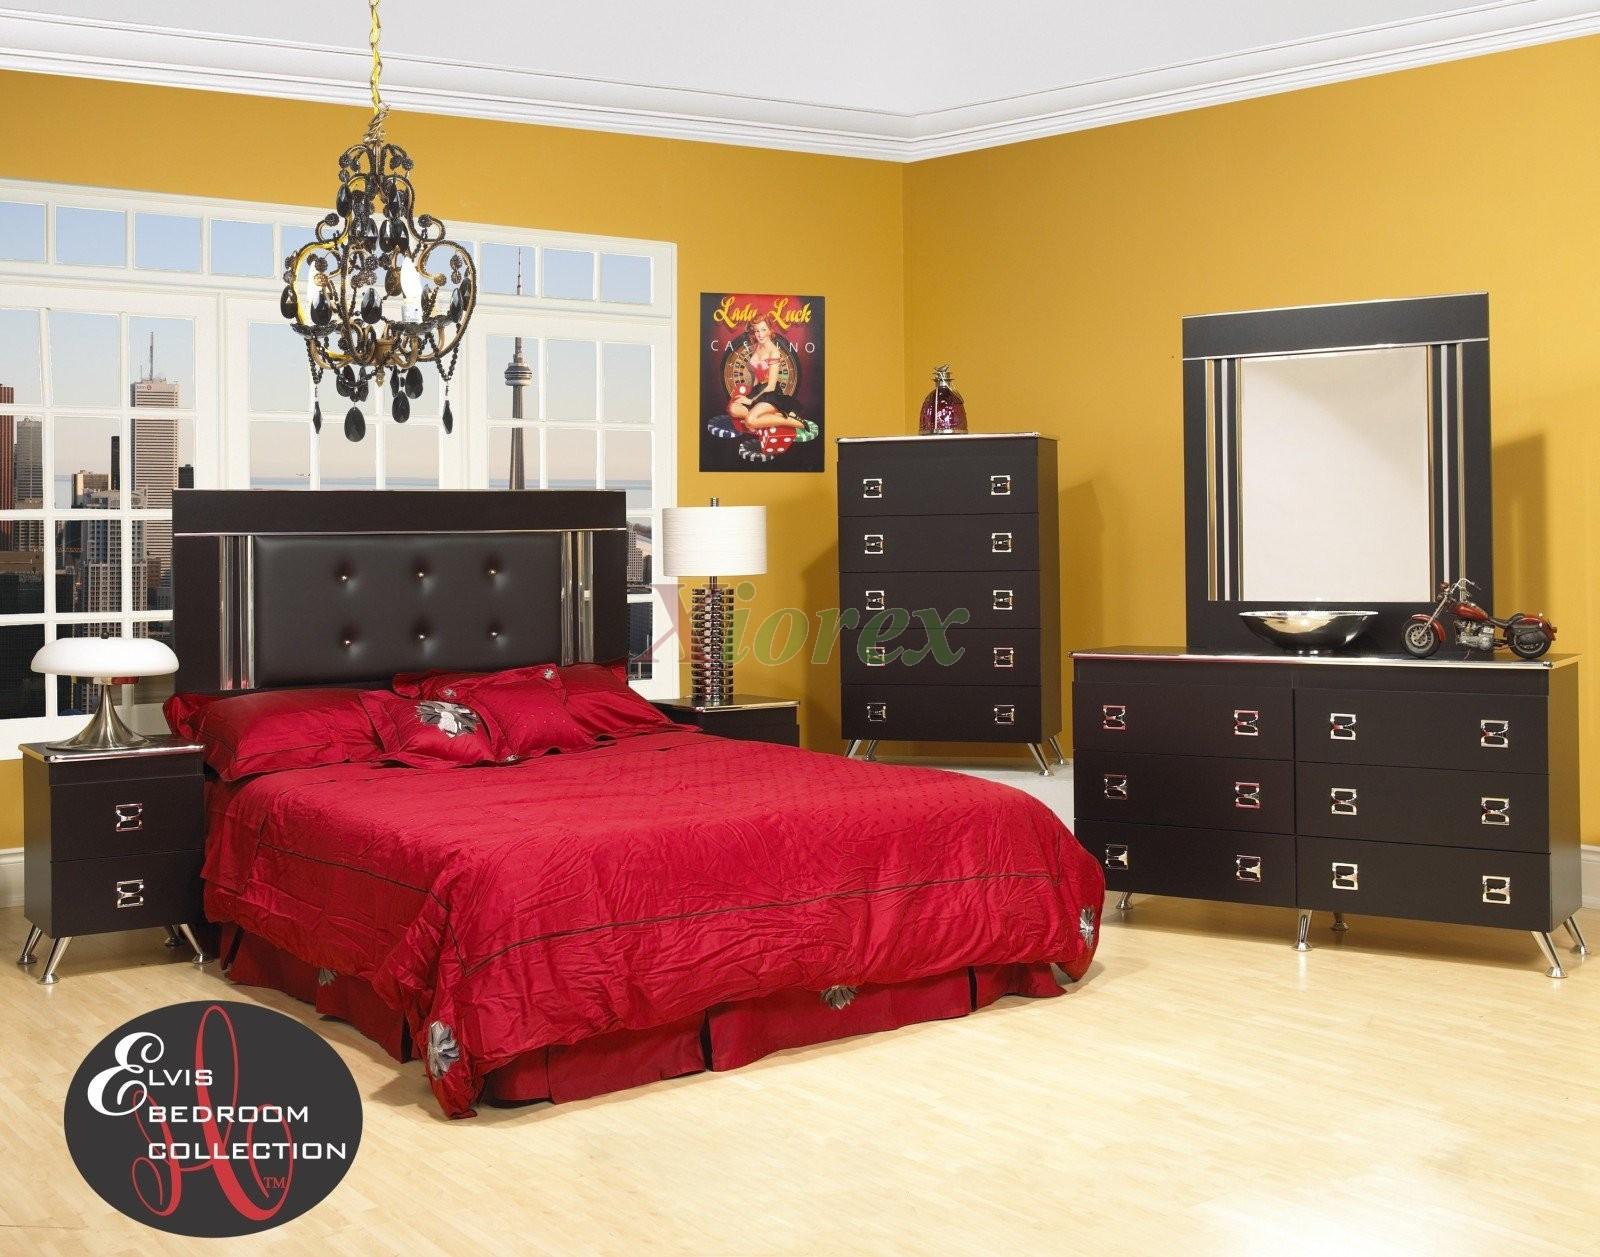 Black bedroom set white bedroom set life line elvis bed - Black or white bedroom furniture ...